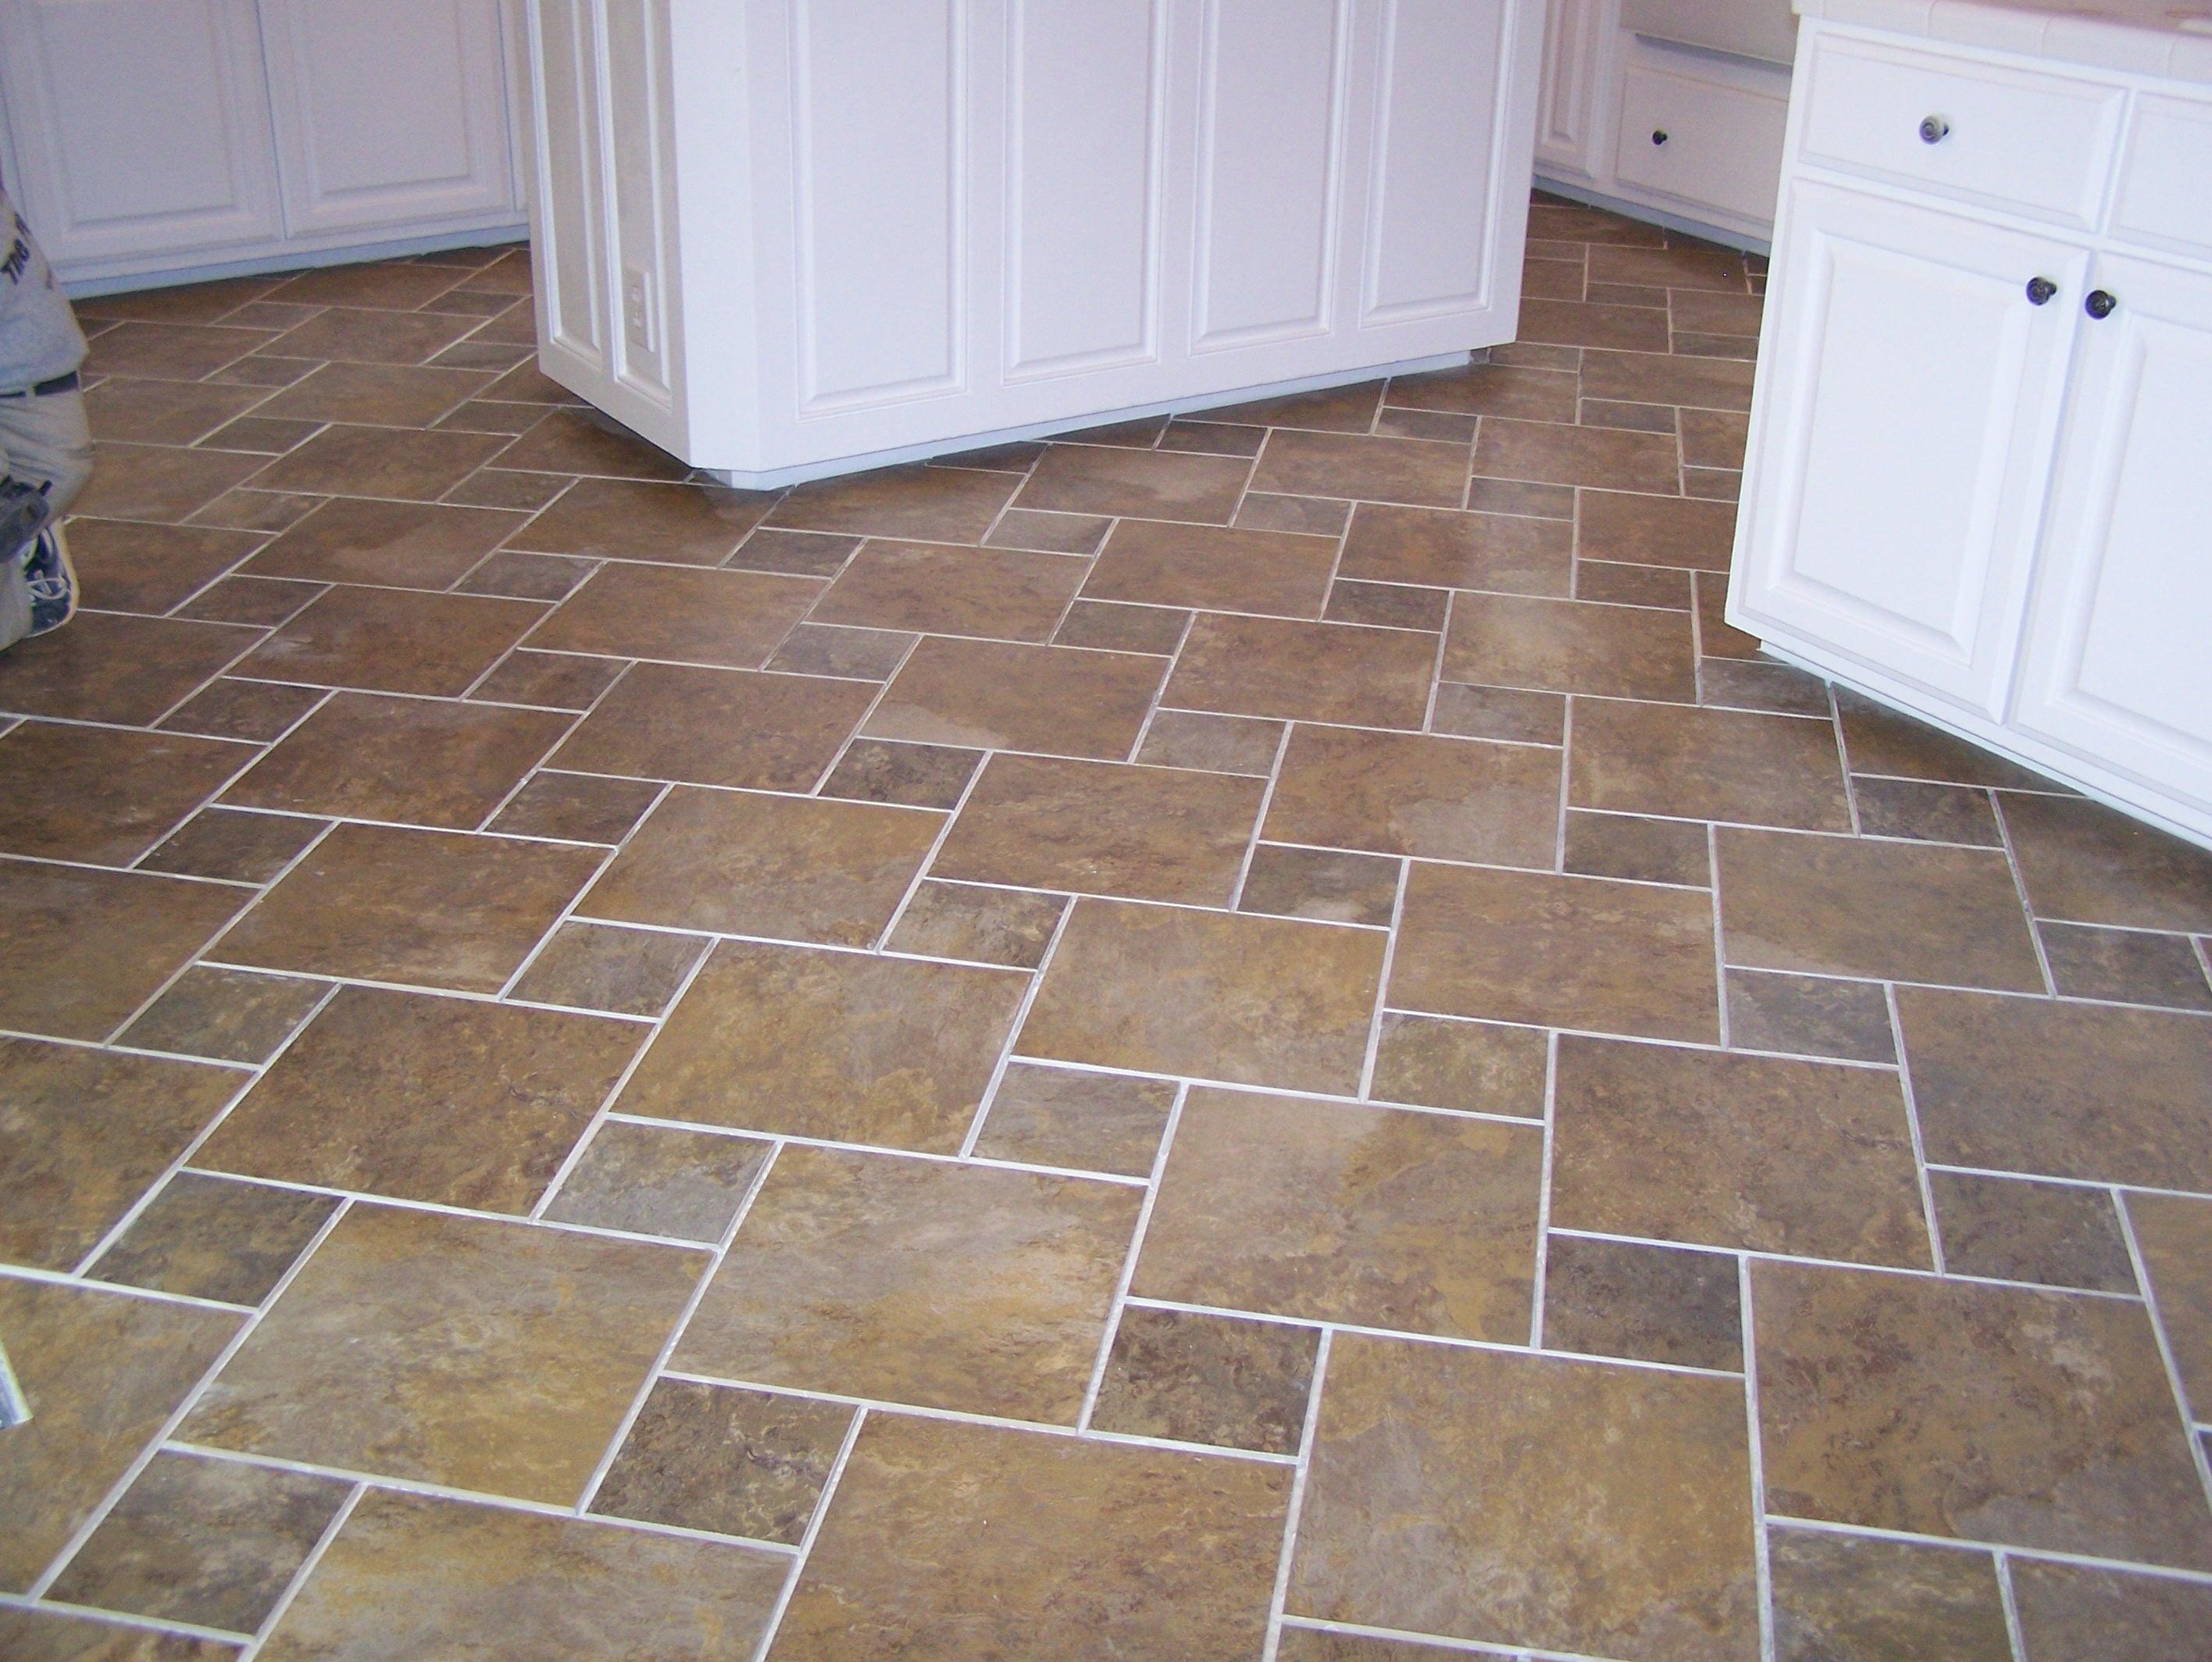 Bathroom Superstore Ceramic Tile Floor Designs - Show1s.com